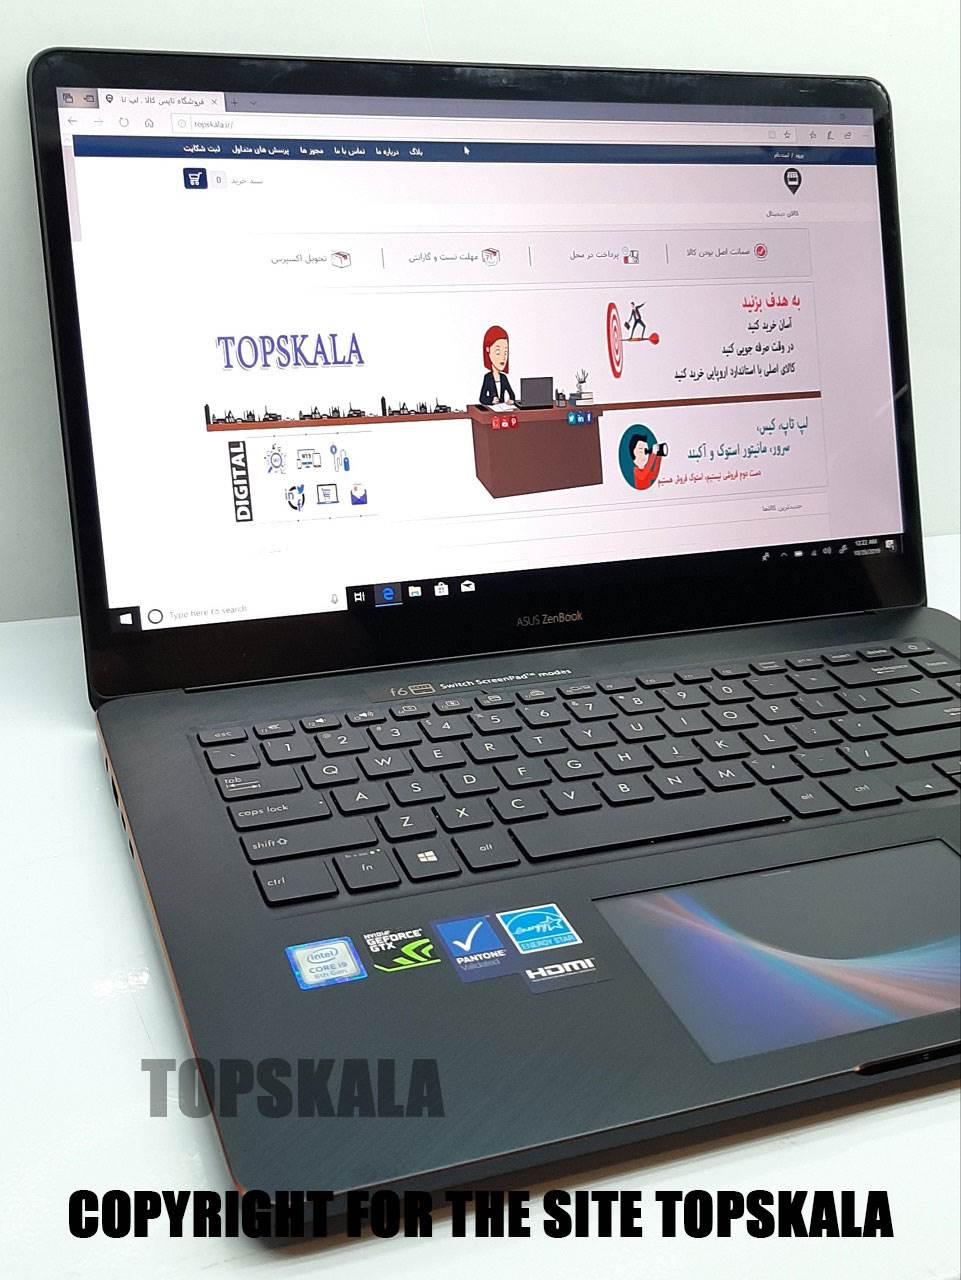 لپ تاپ استوک ایسوس مدل ASUS UX580GE-XB74T با مشخصات i9-8th-16GB-512GB-SSD-4GB-nvidia-GTX-1050Tilaptop-stock-ASUS-model-UX580GE-XB74T-i9-8th-16GB-512GB-SSD-4GB-nvidia-GTX-1050Ti